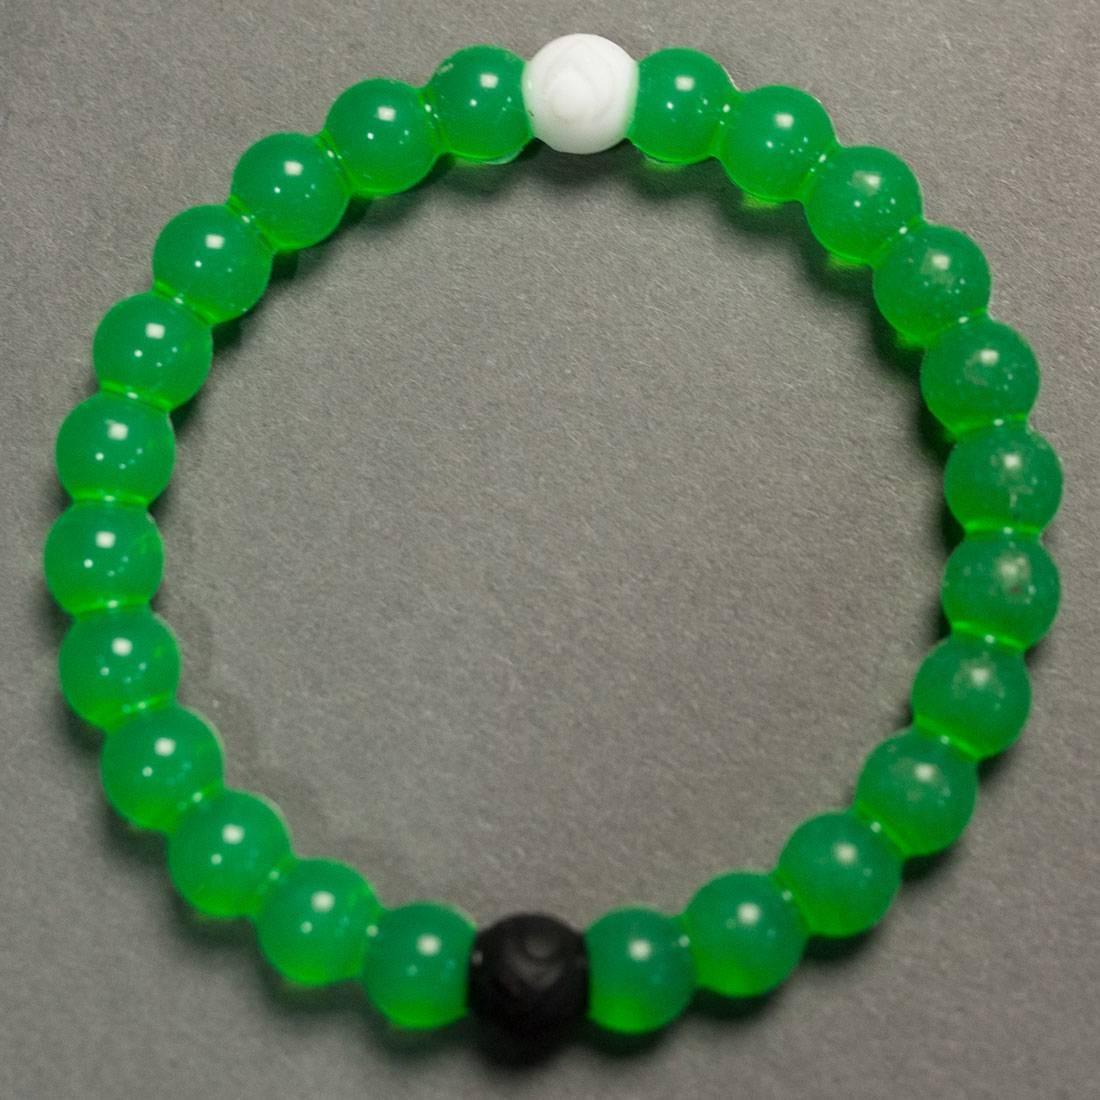 ブレスレット ジュエリー アクセサリー メンズジュエリー メンズ 【 Lokai Bracelet - Limited Edition Nature Conservancy (green) 】 Green